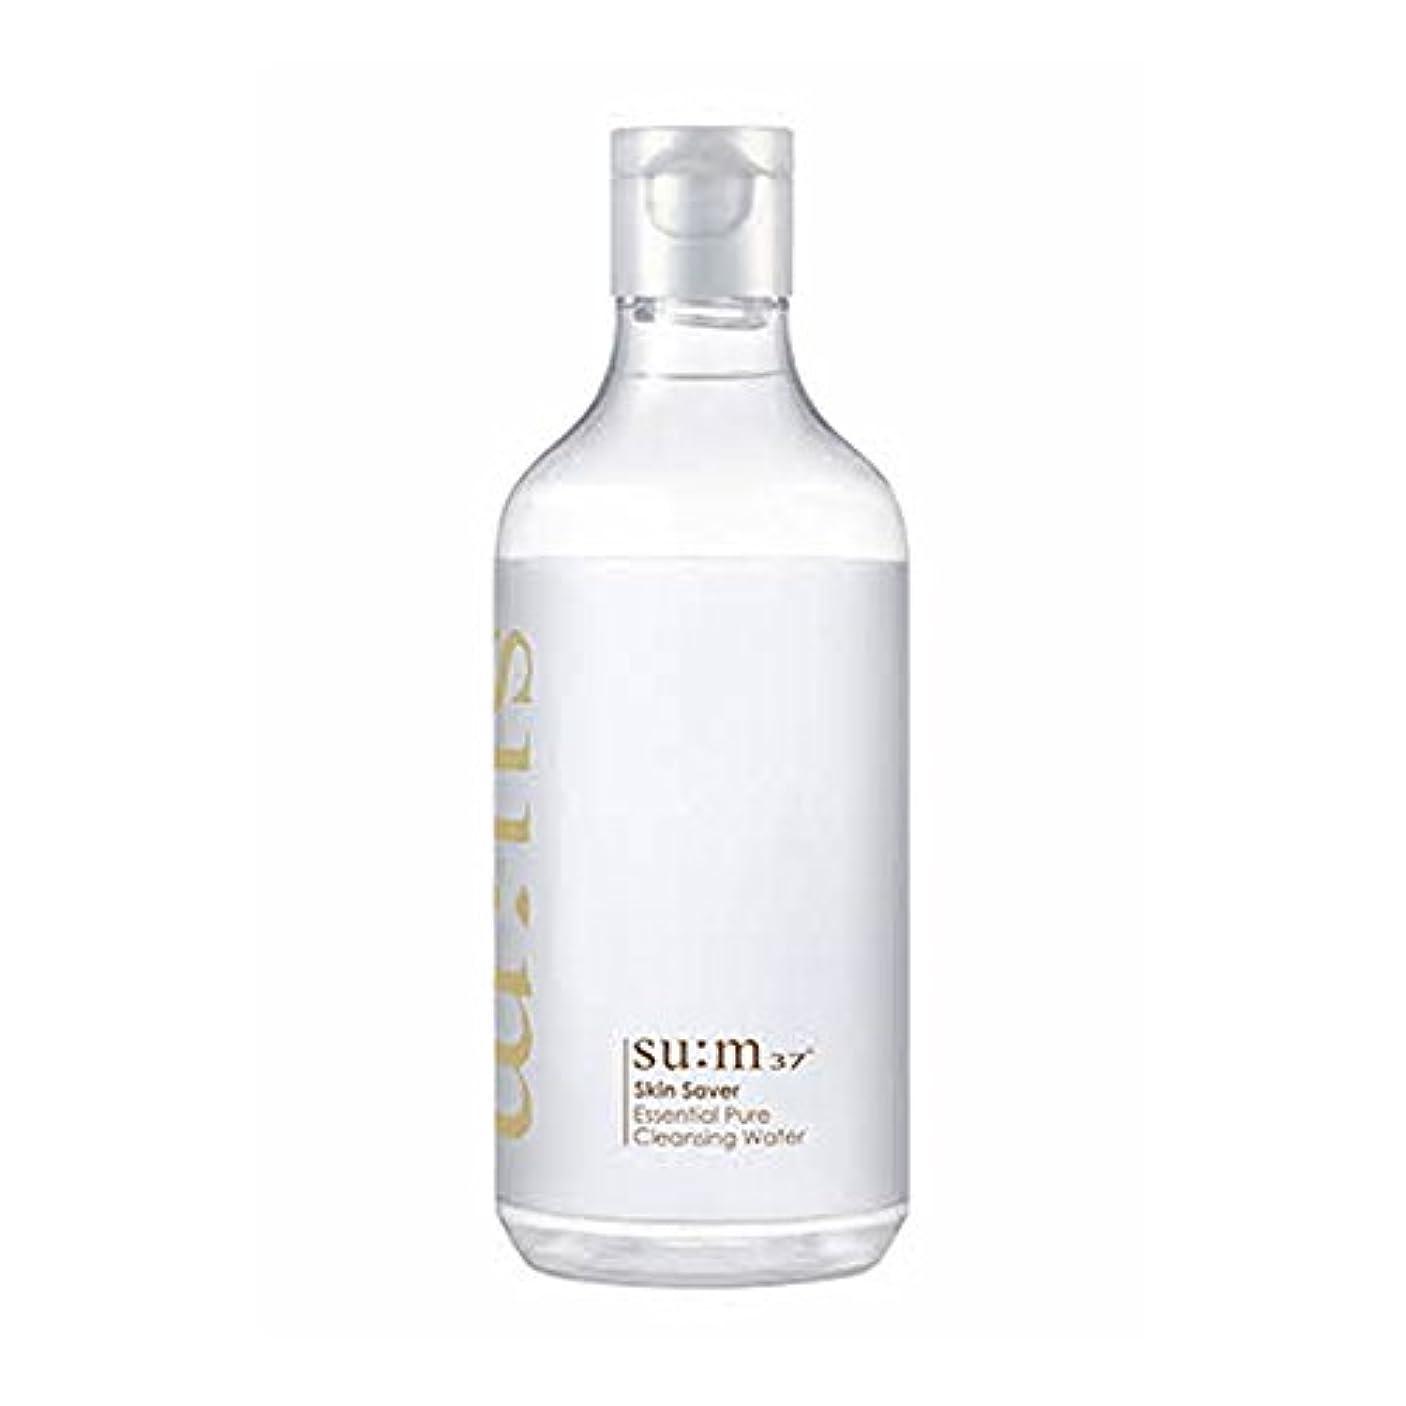 スラックインターネットハチ[スム37°] Sum37° スキンセイバー エッセンシャルピュアクレンジングウォーター  Skin saver Essential Pure Cleansing Water (海外直送品) [並行輸入品]